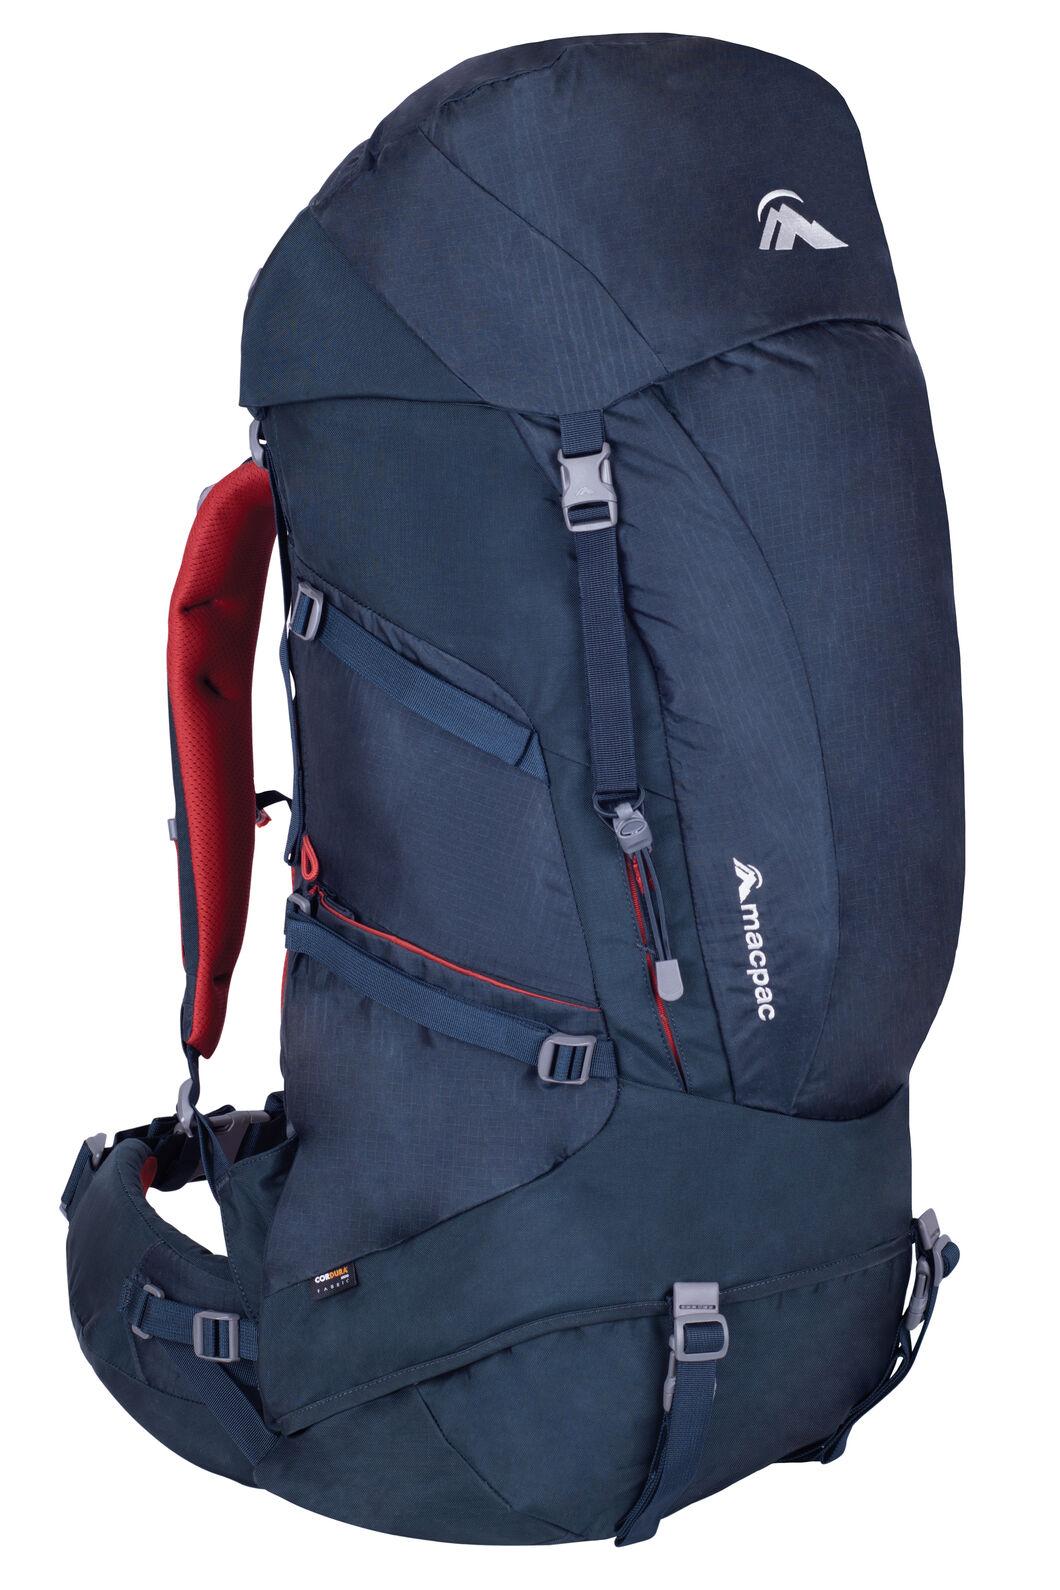 Macpac Torlesse 65L Pack, Carbon, hi-res